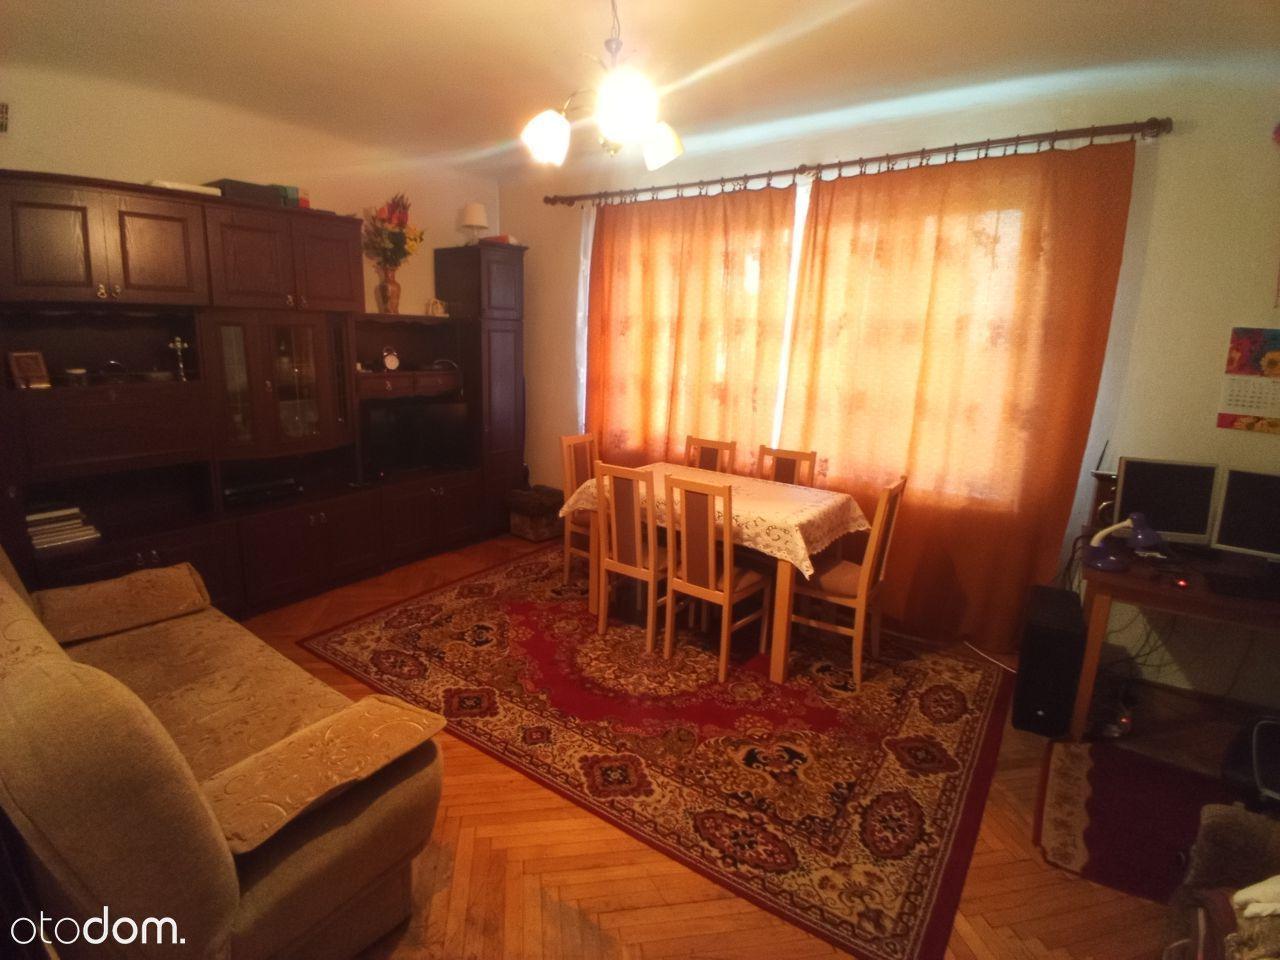 Mieszkanie 51m2 na sprzedaż Wołomin Słoneczna